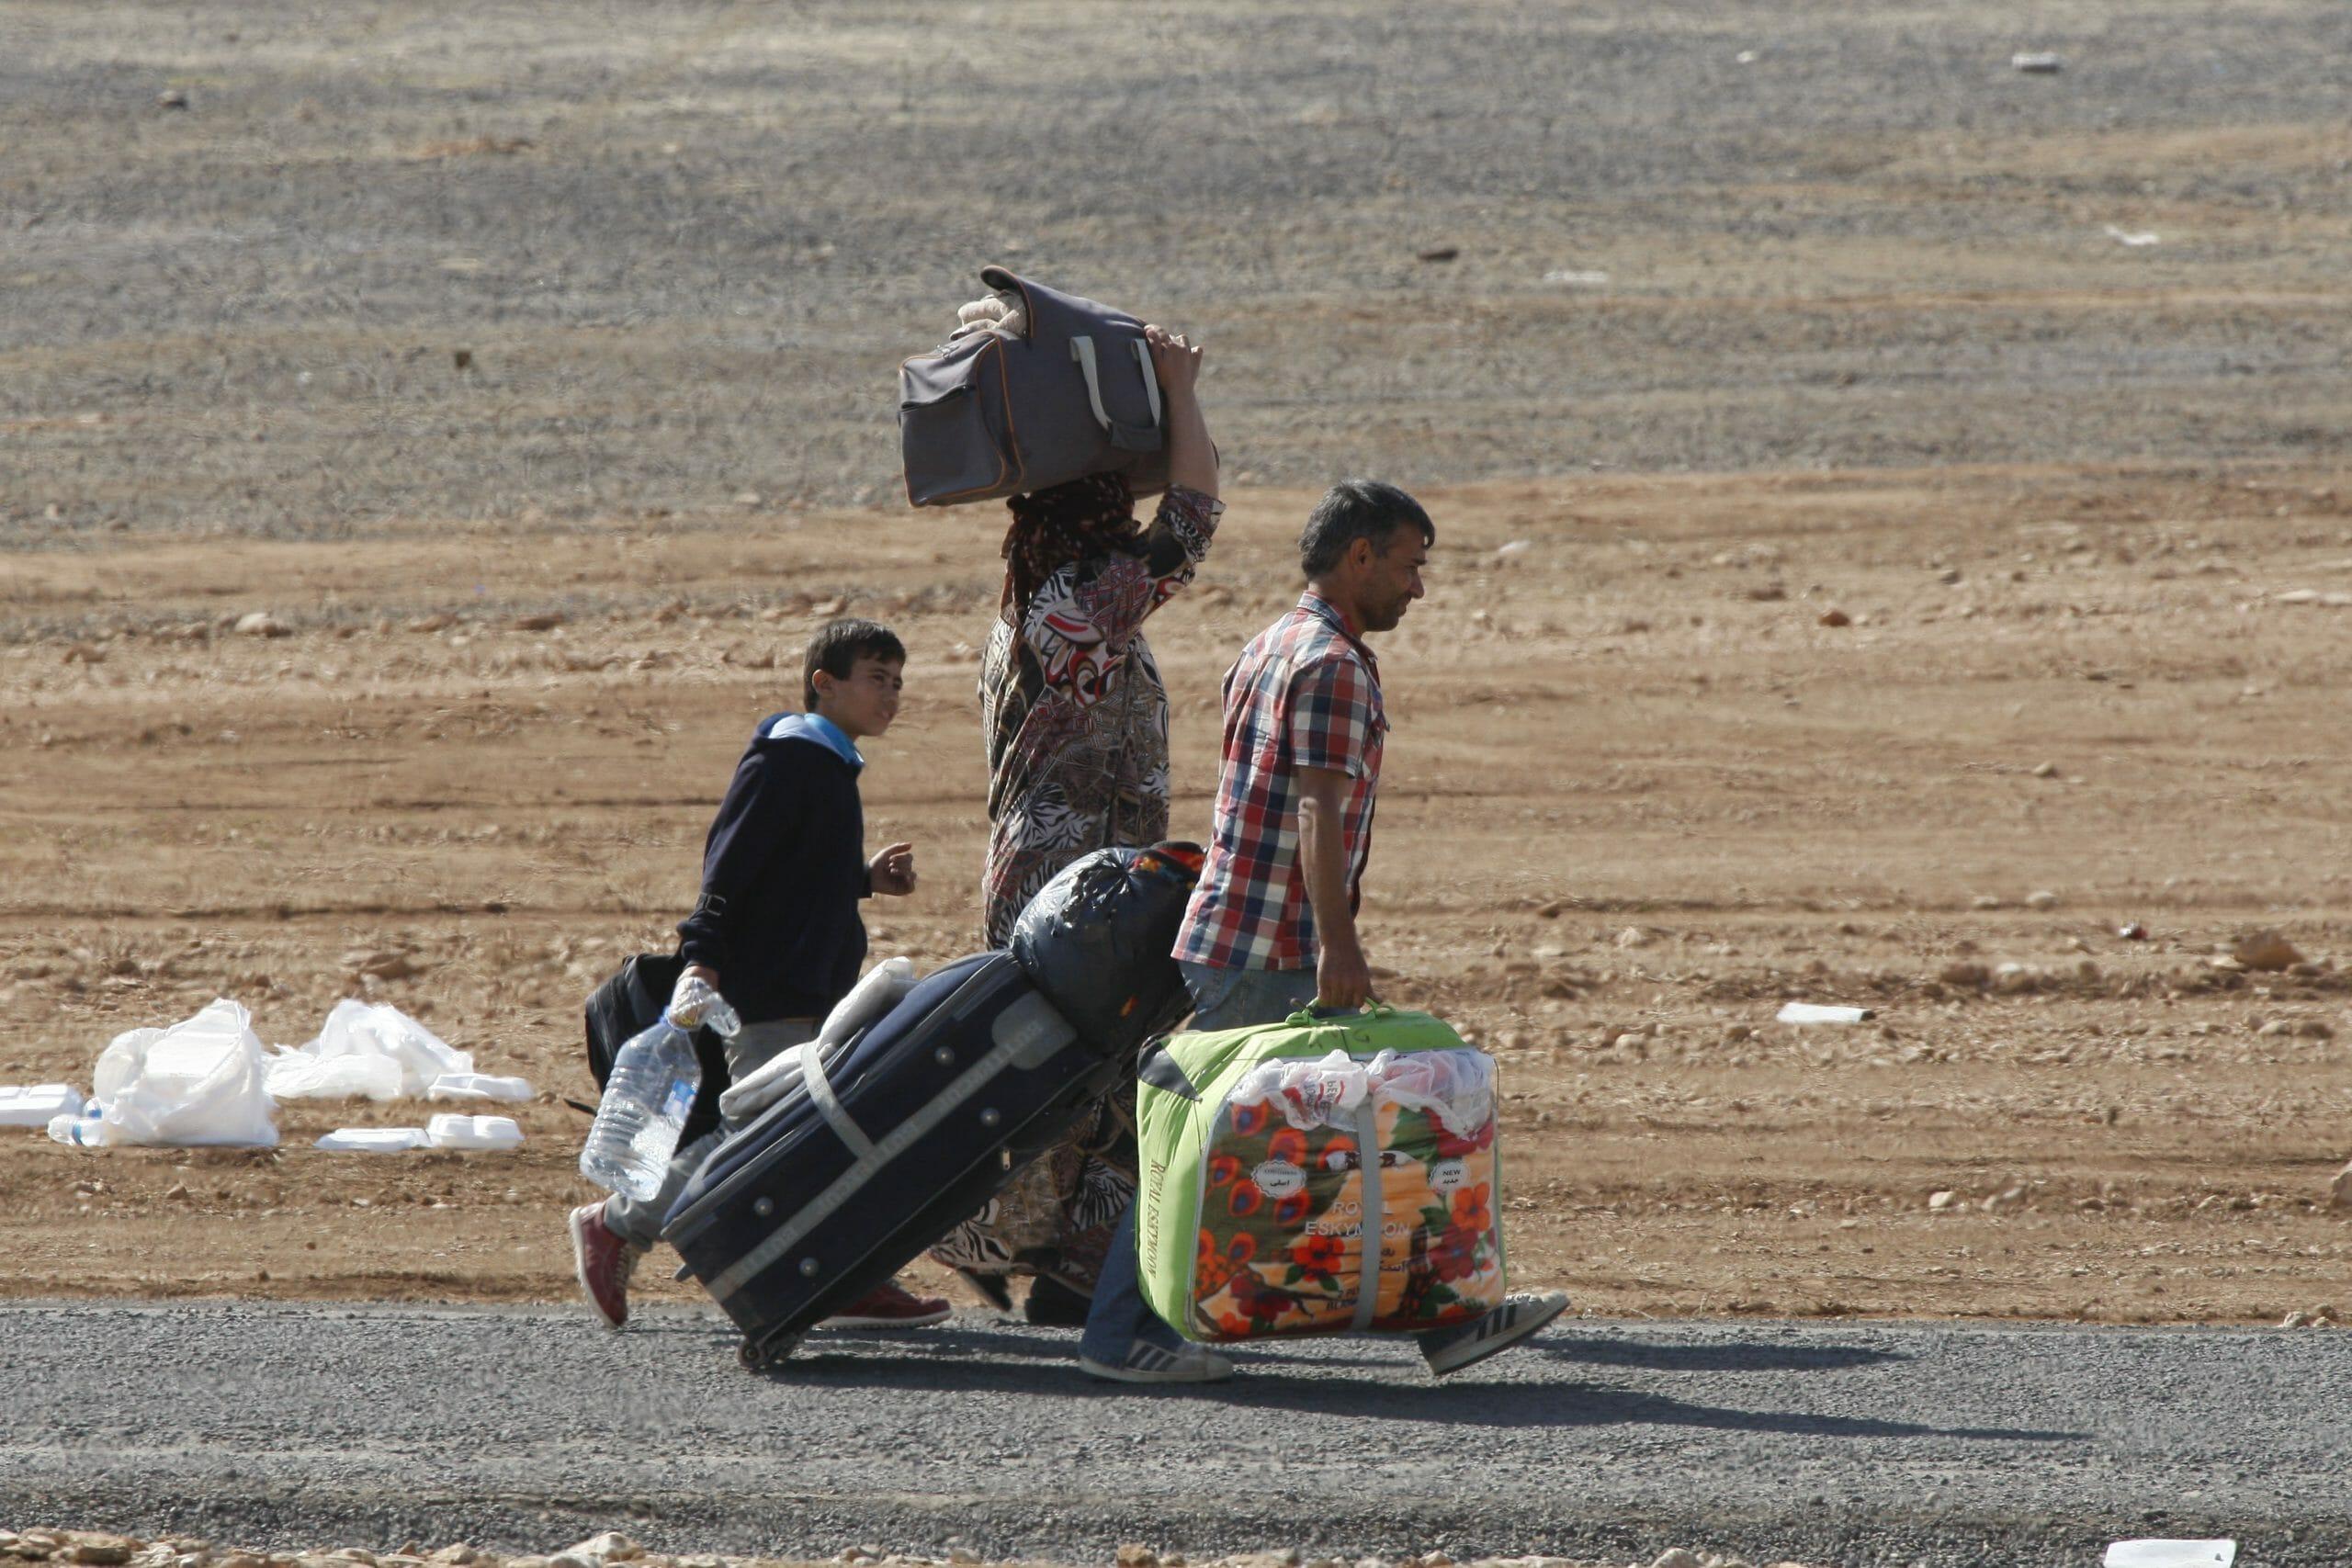 10 års borgerkrig og lidelser. Syrien runder et tragisk jubilæum